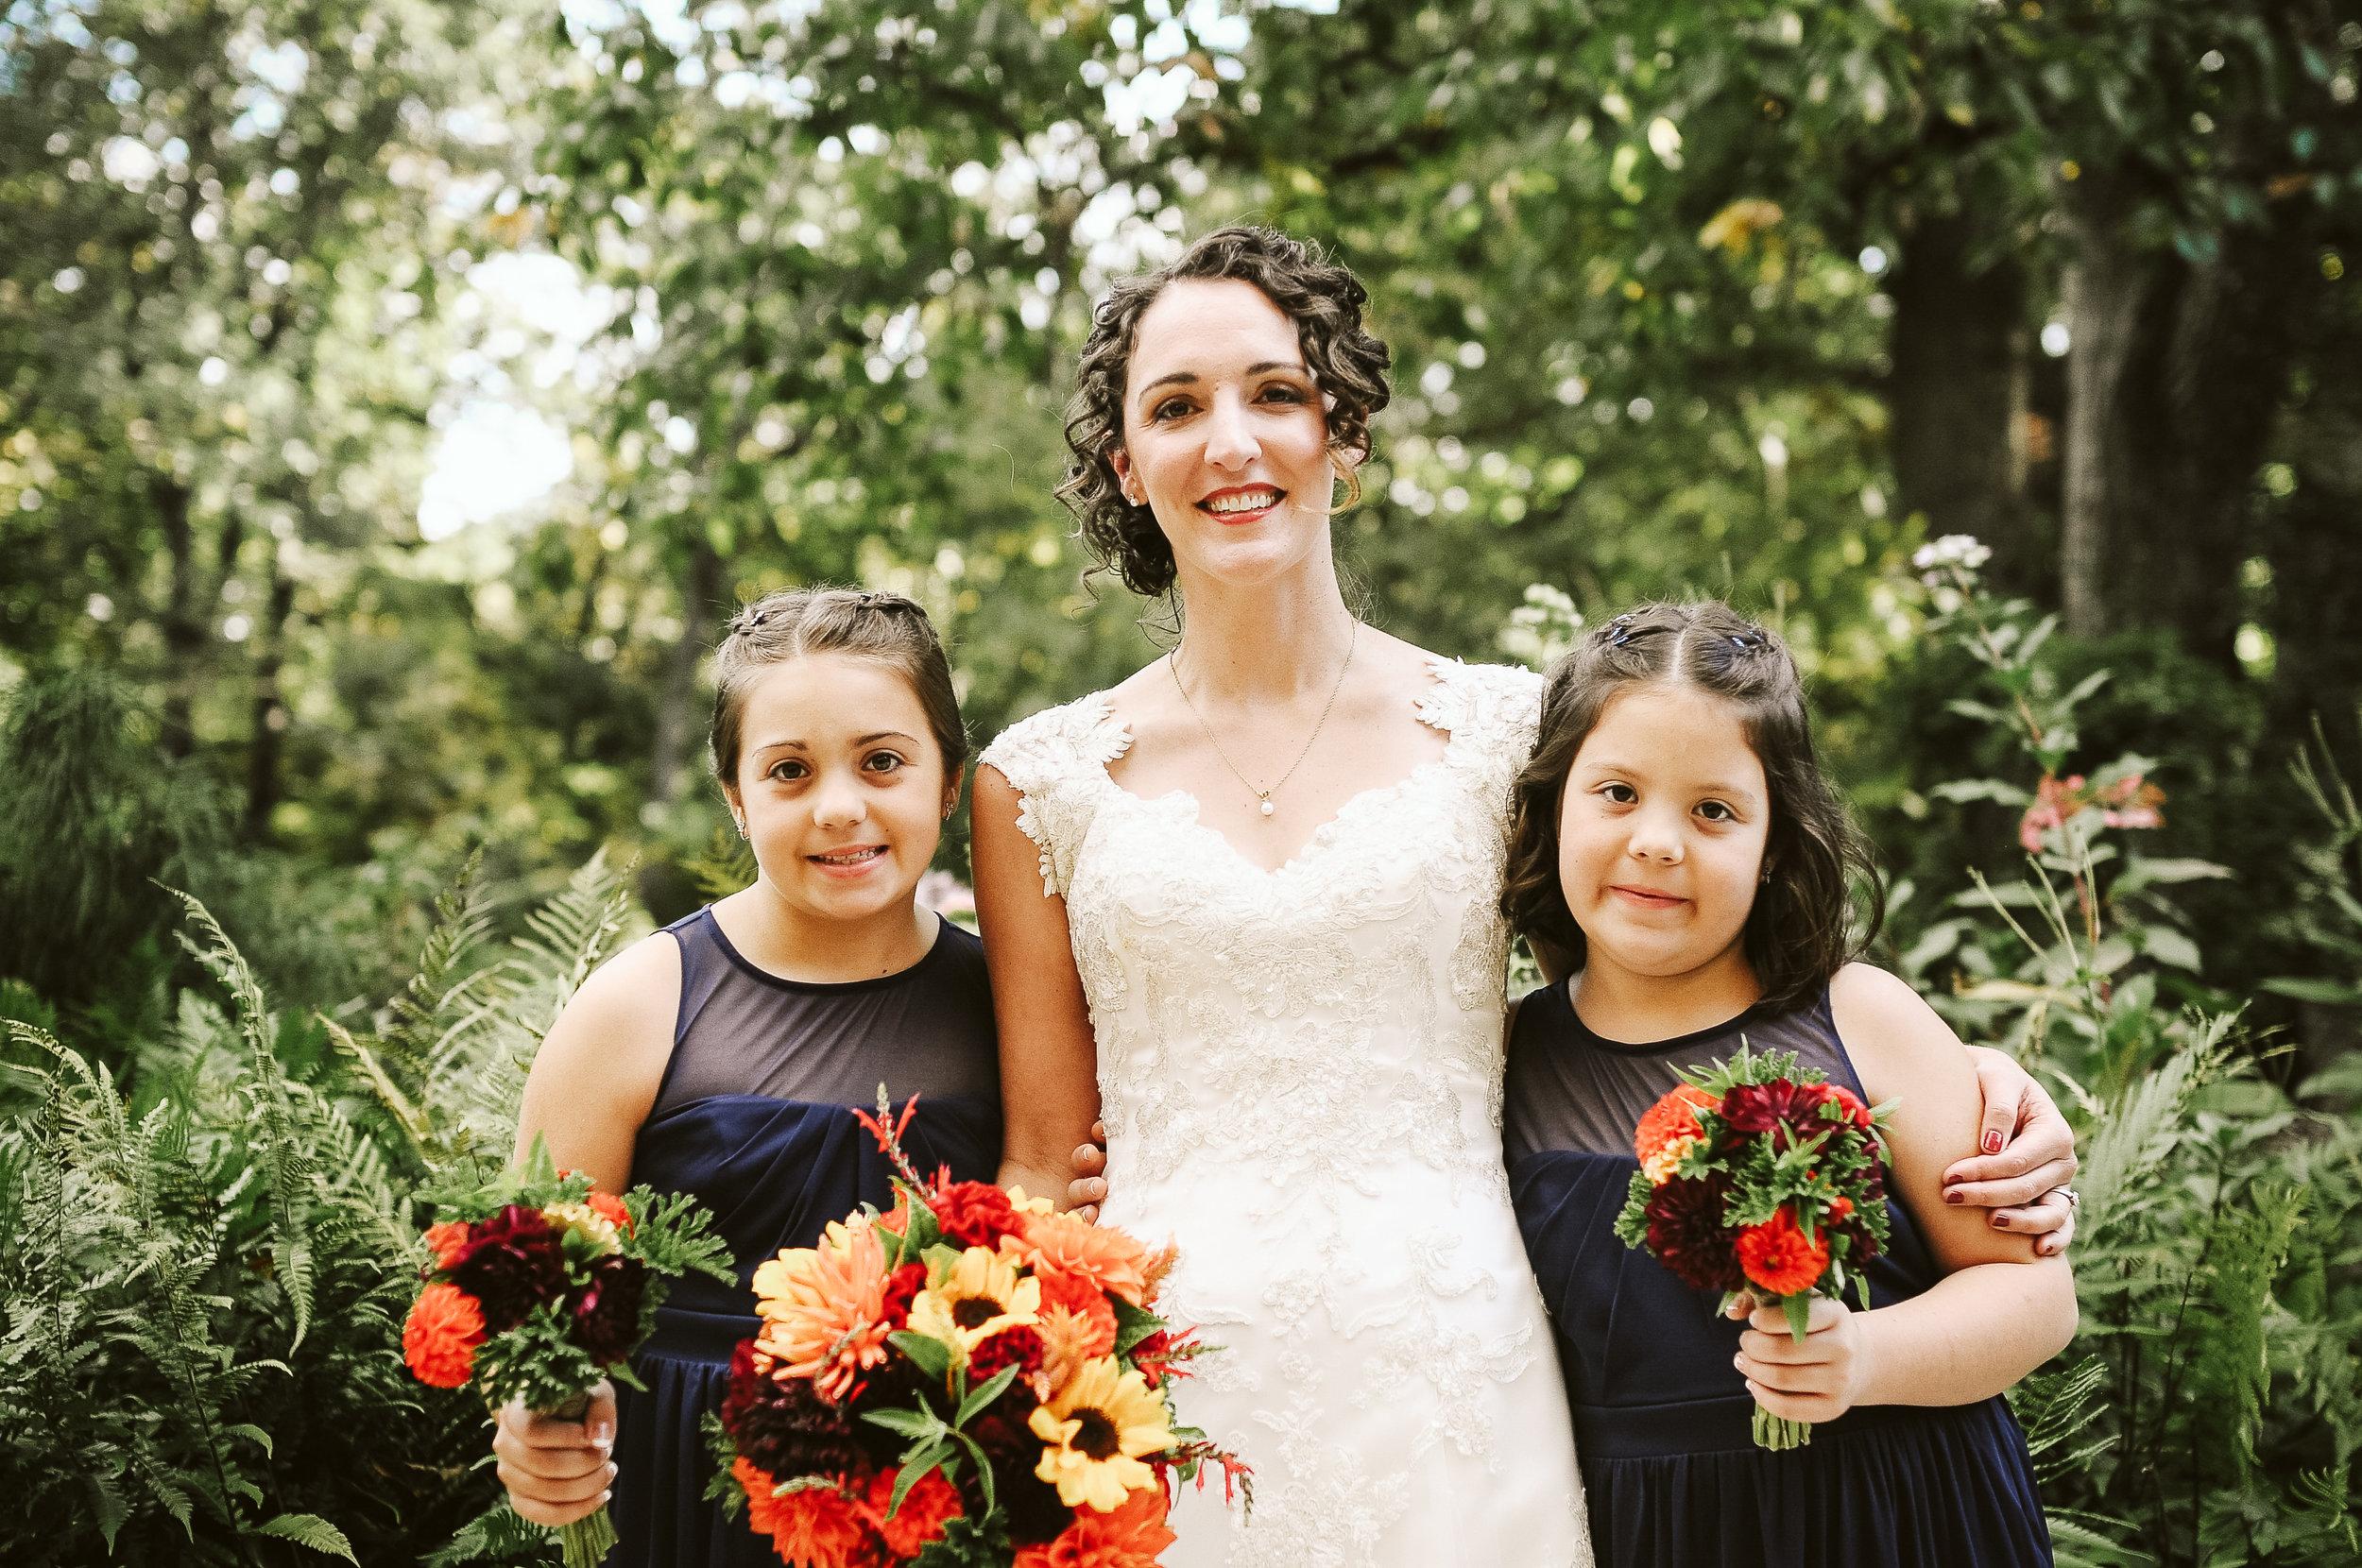 adrienne and greg's wedding 2018 edits-27.jpg